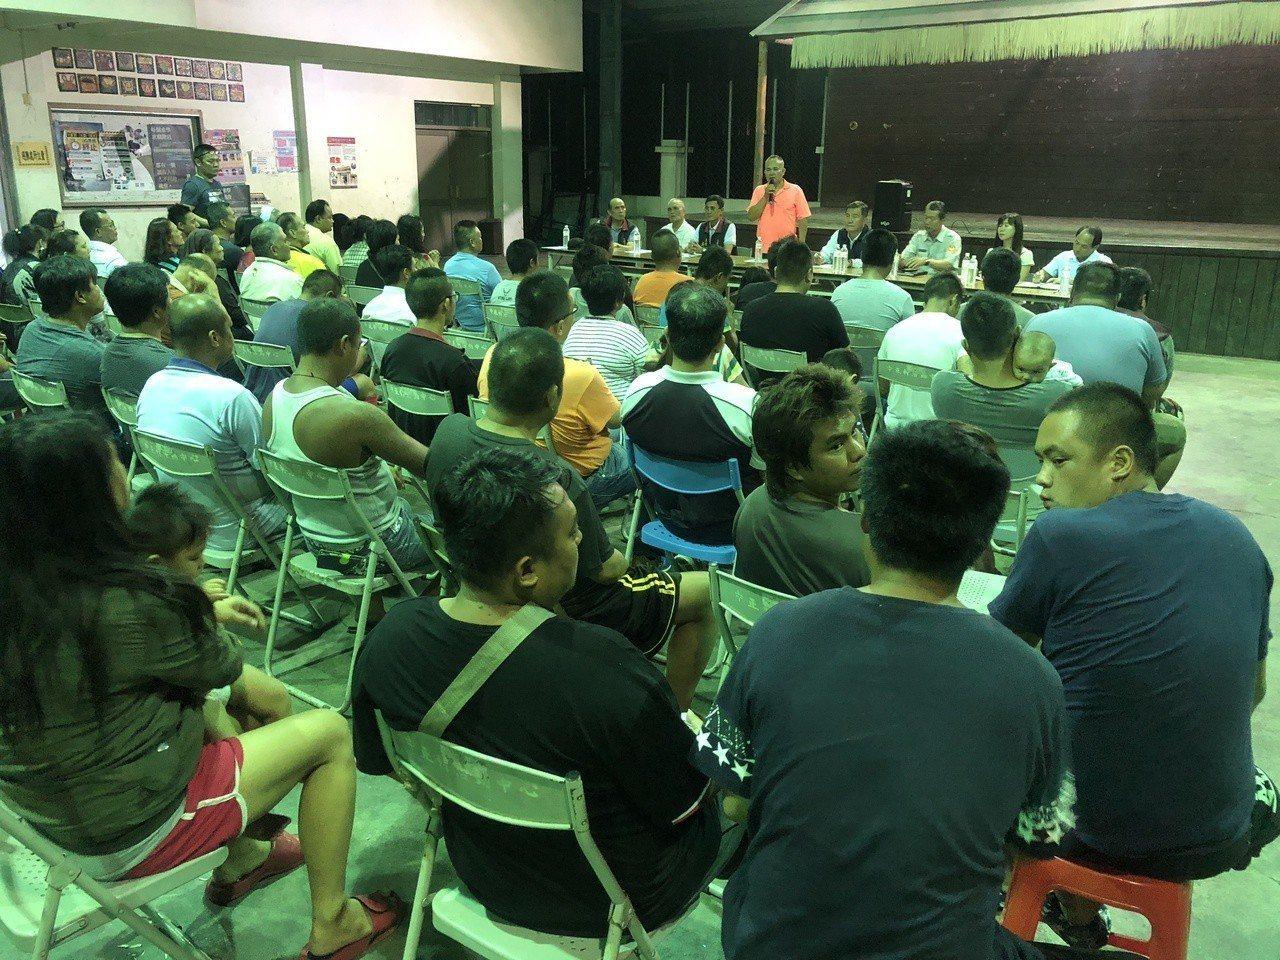 仁愛鄉卡度部落針對集體鬥毆事件召開部落會議,不少居民都出席參加。記者賴香珊/攝影